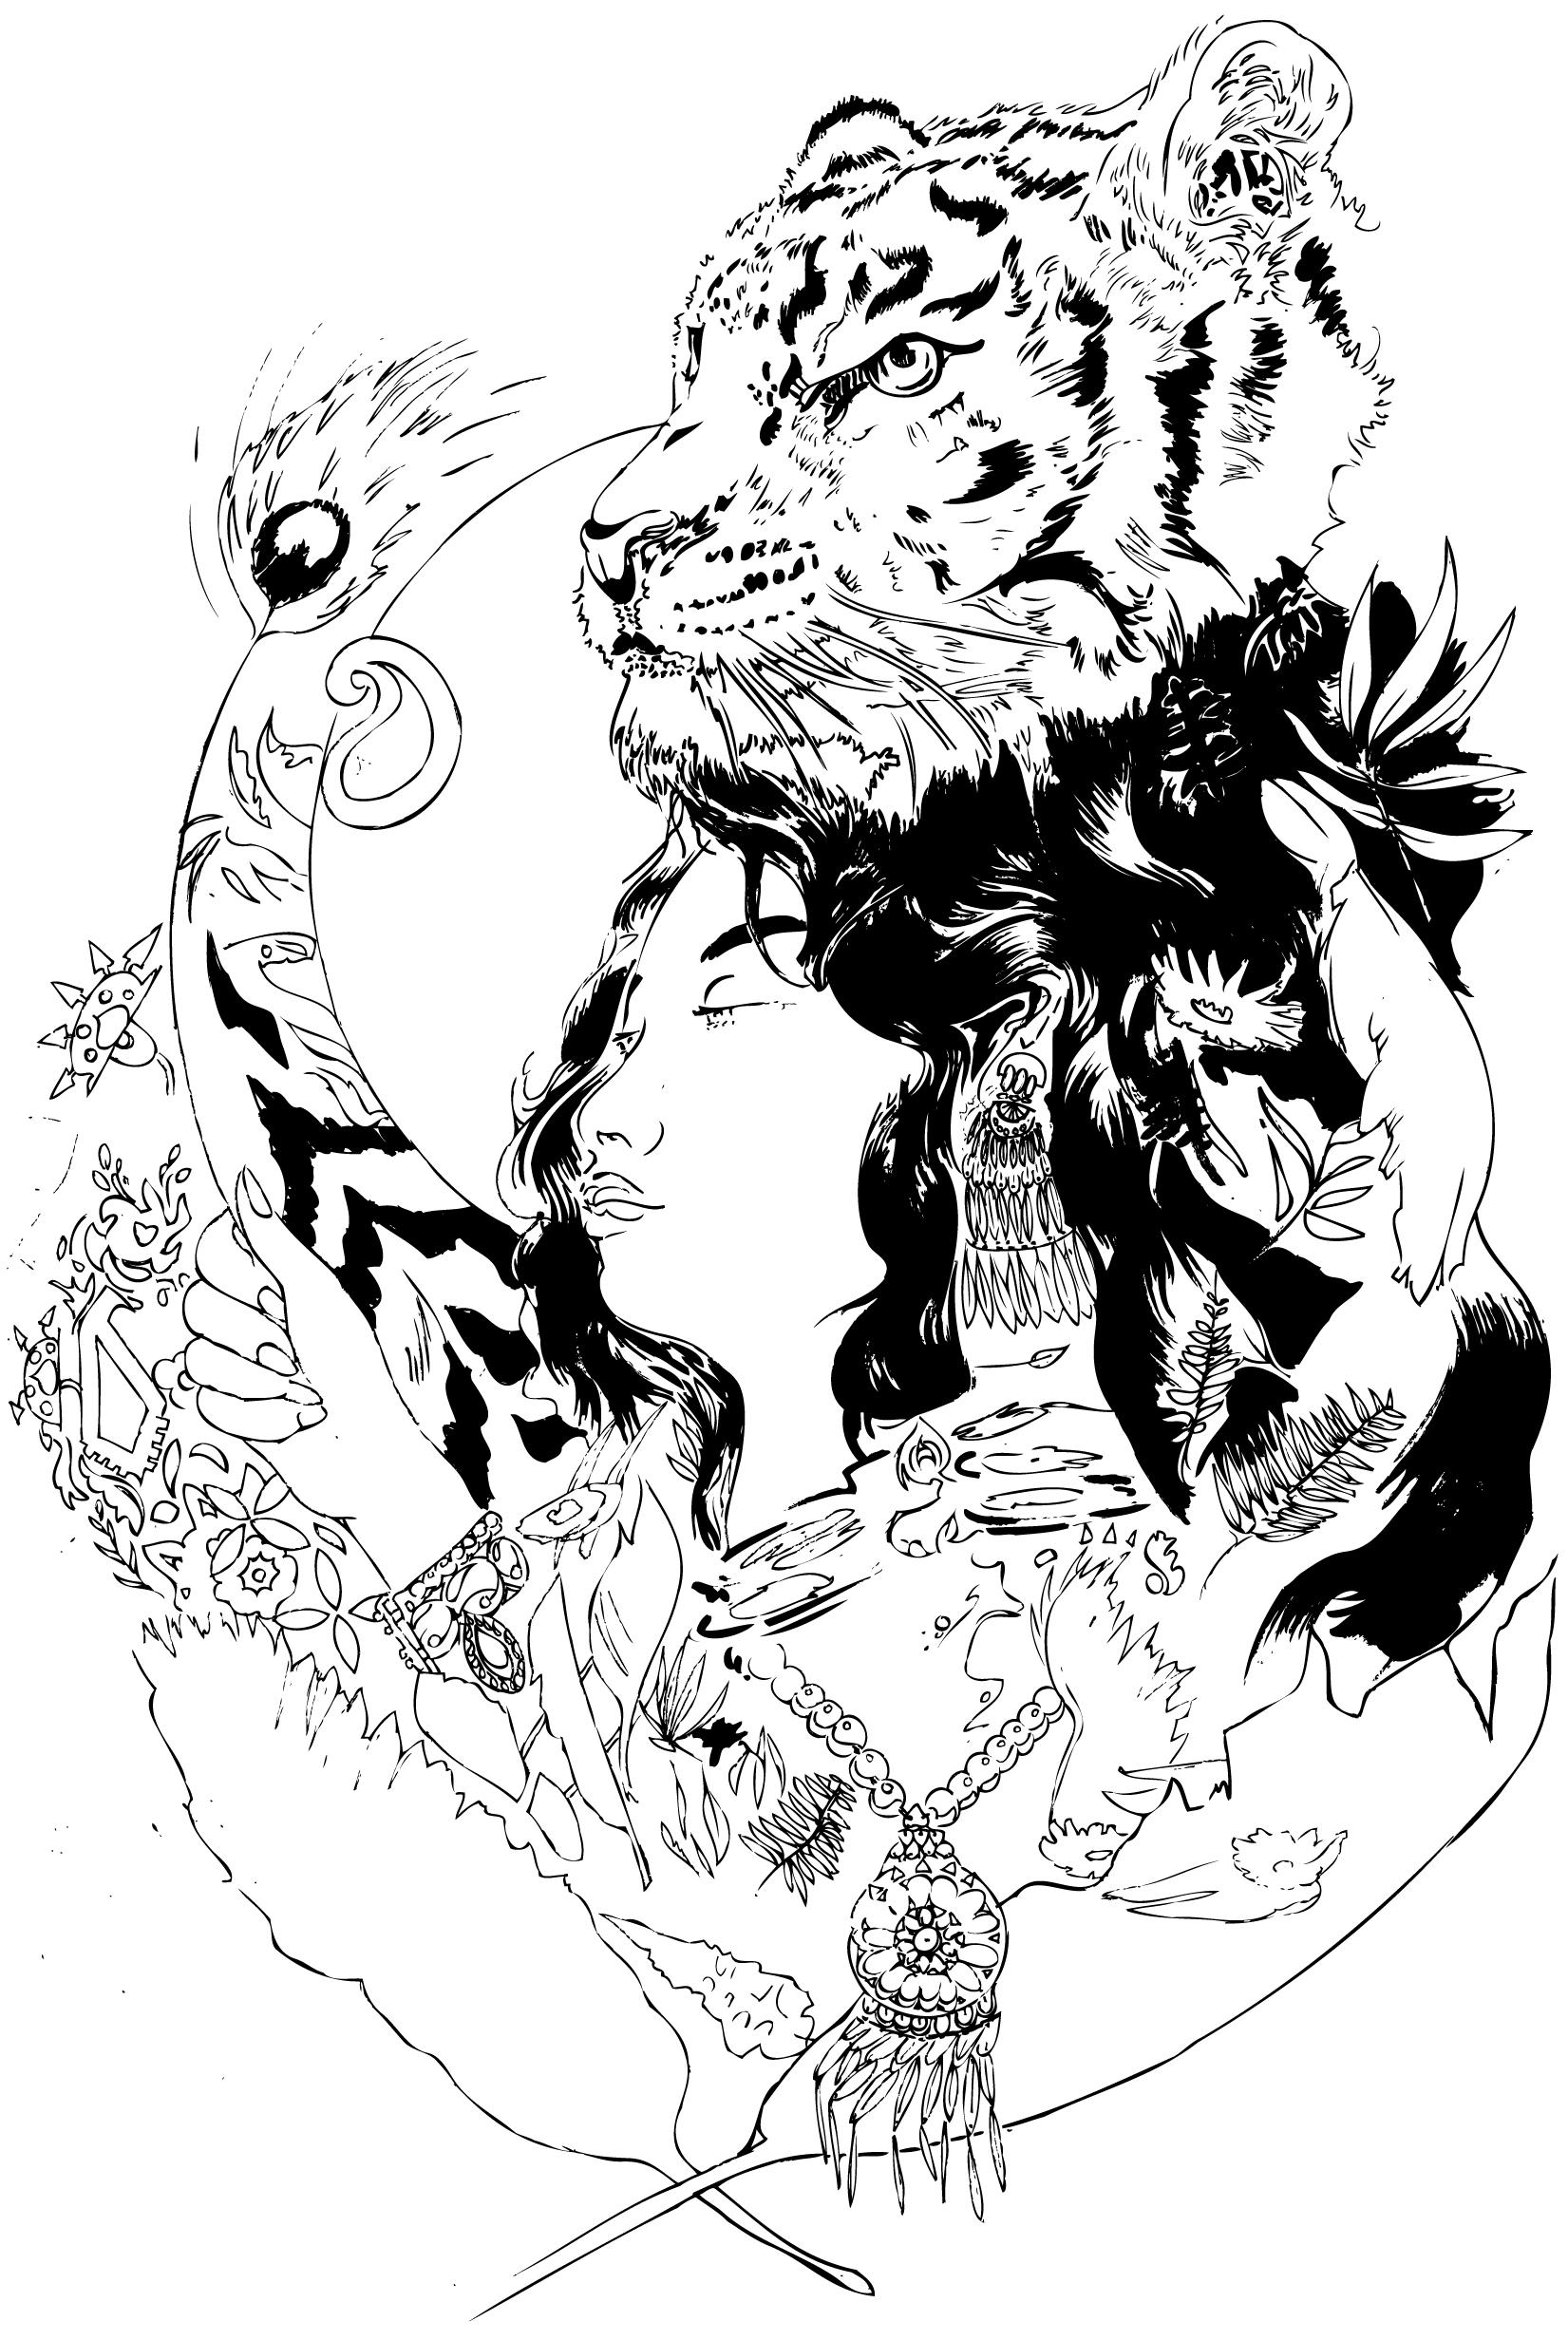 Line Art Poster : Illustration masscreate